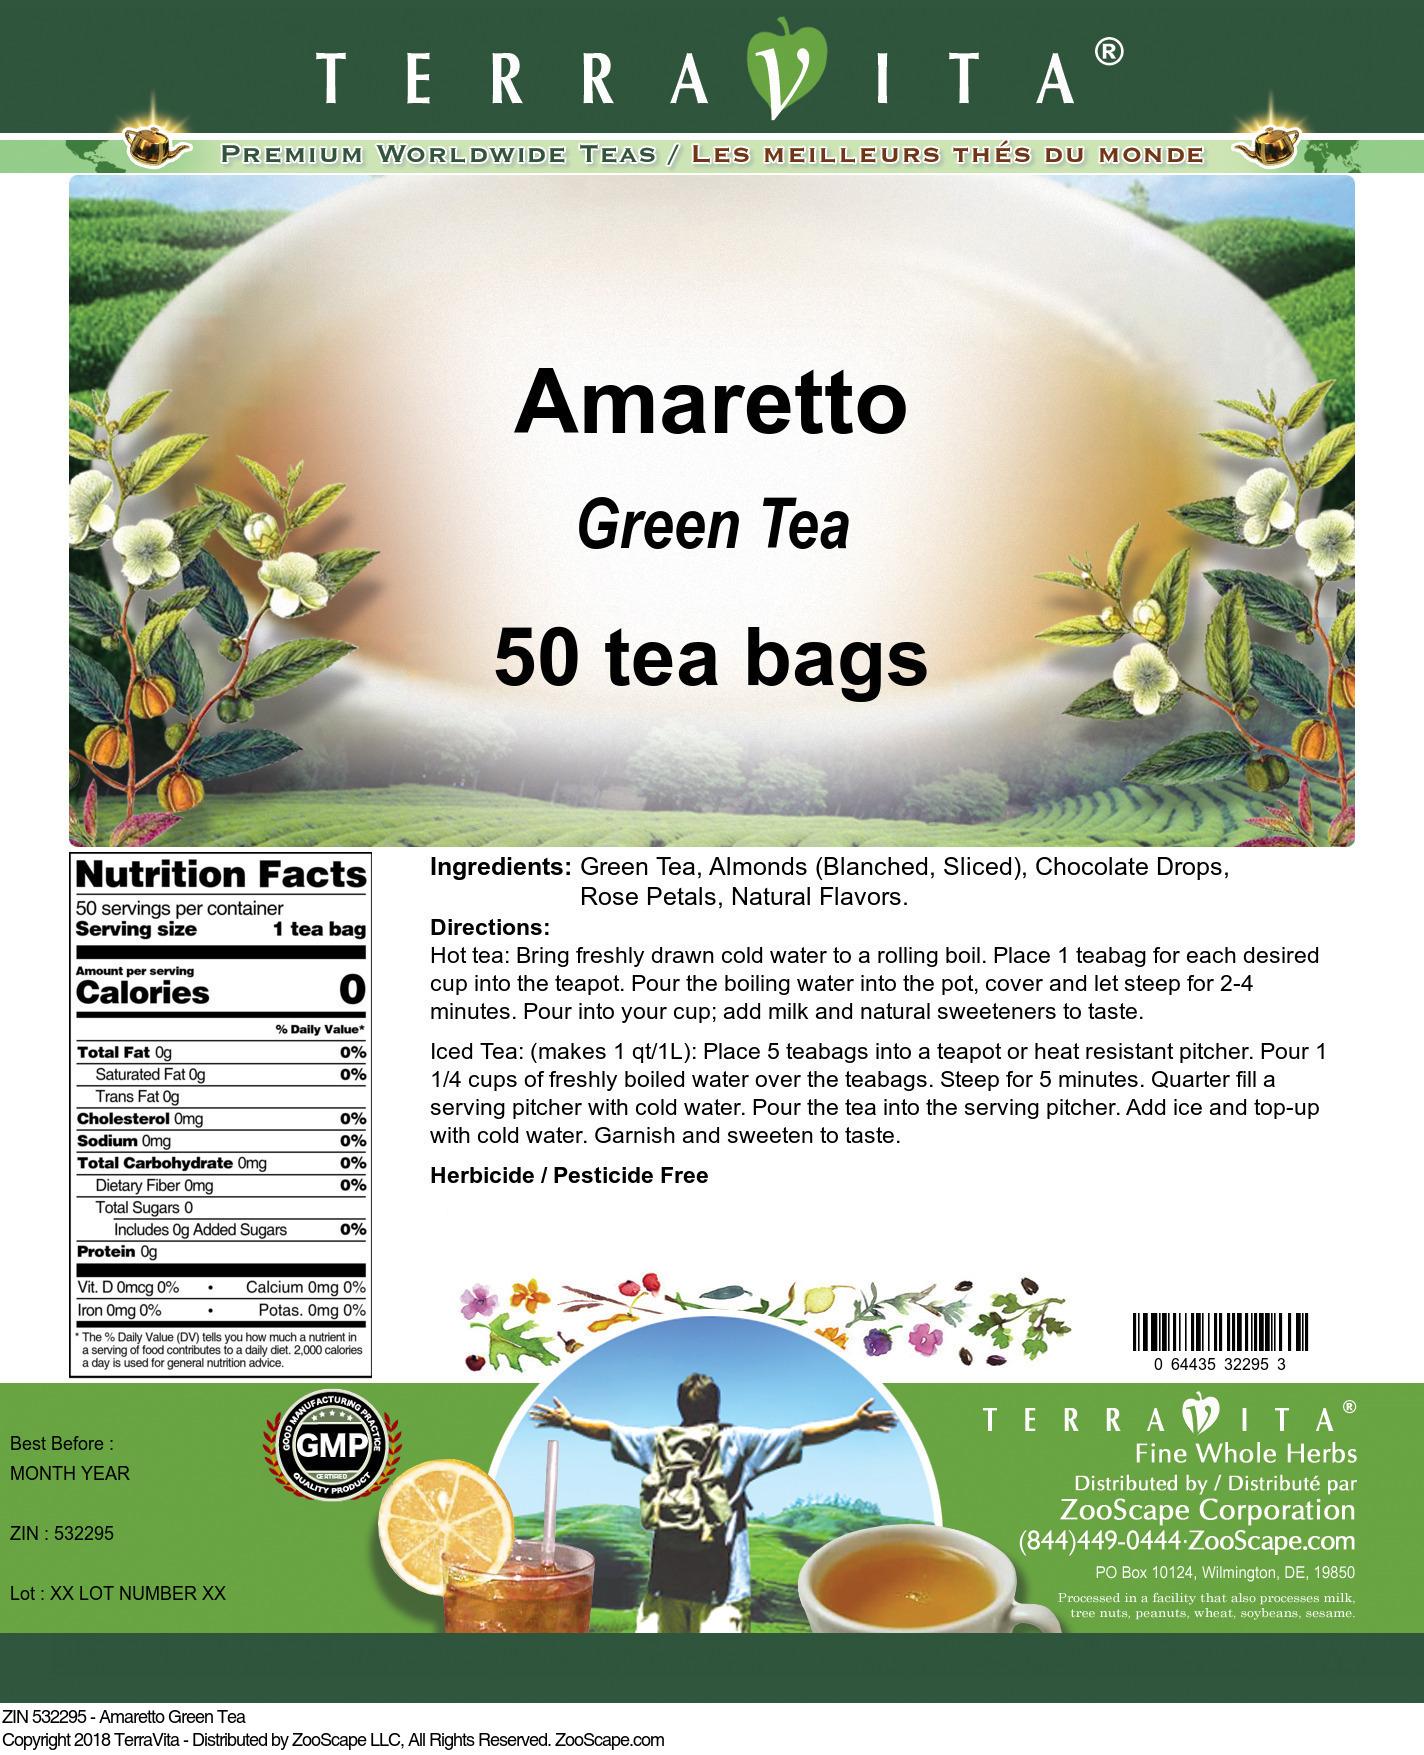 Amaretto Green Tea